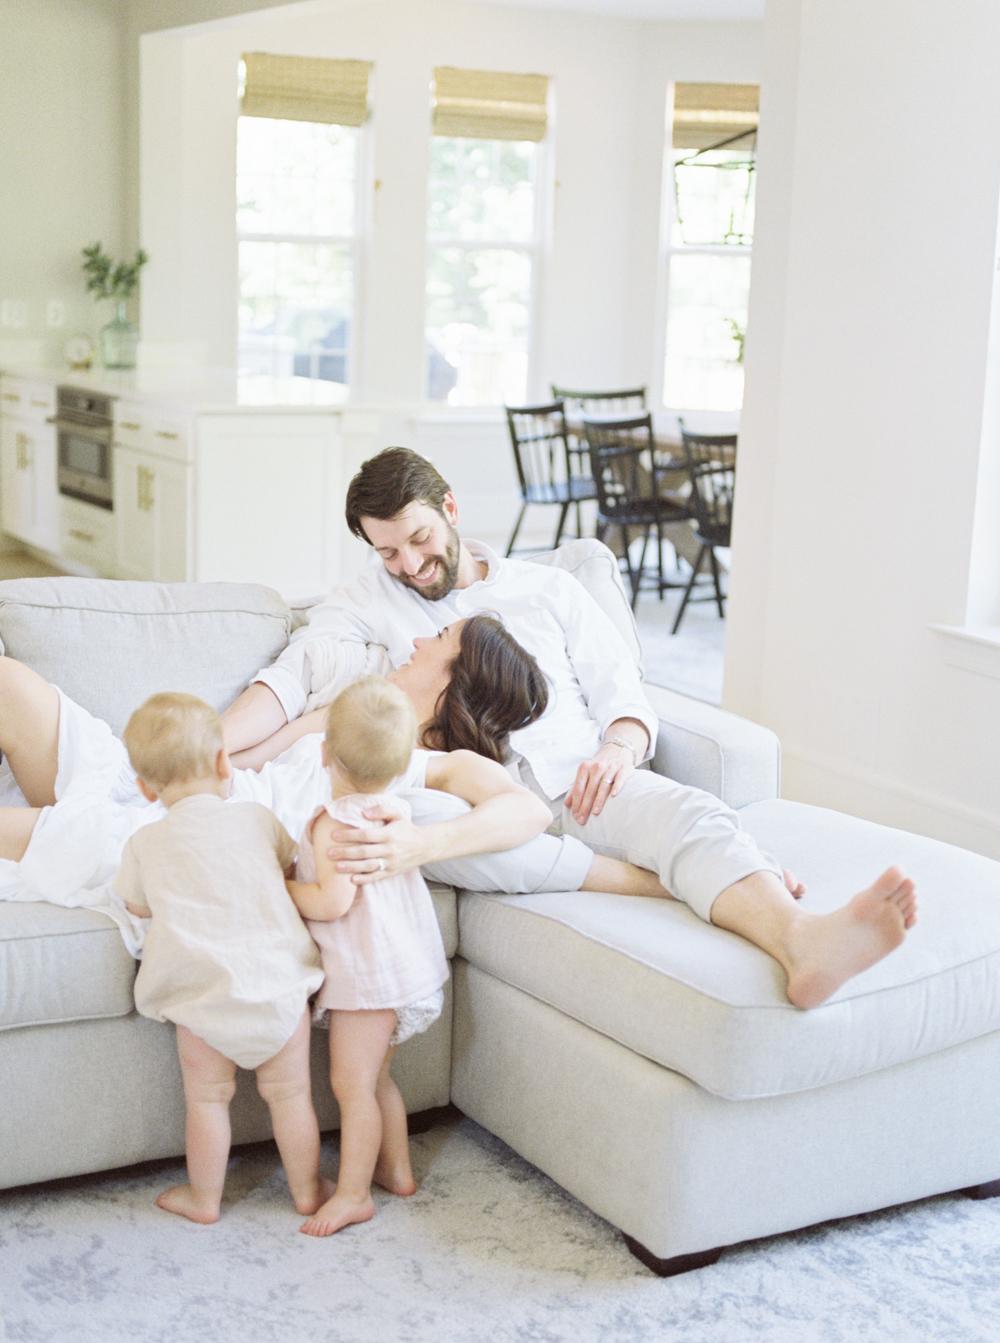 Rebecca-Sable-Family-Photographer-Richmond-Virginia-21.jpg